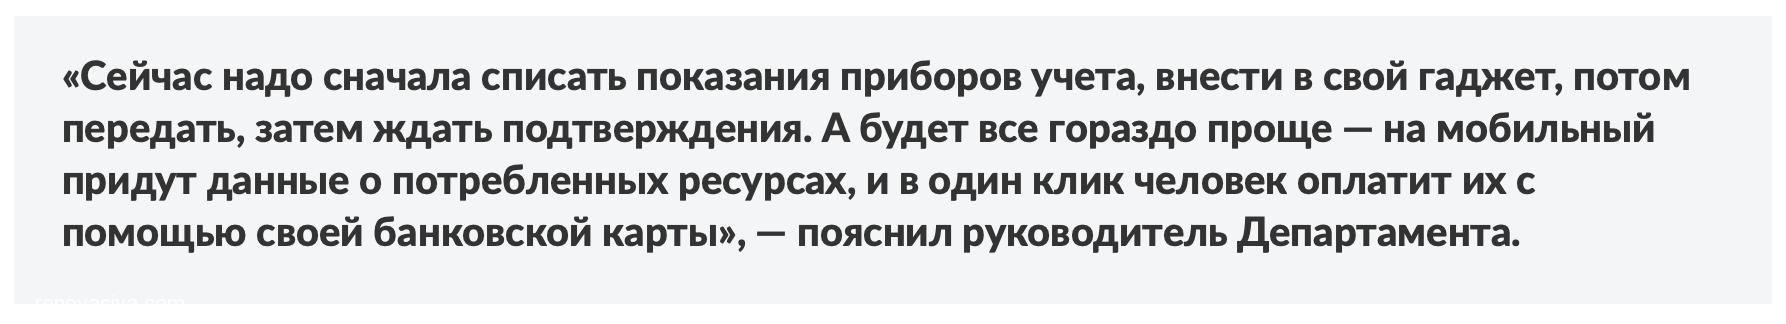 Умный дом в Москве о программе реновации